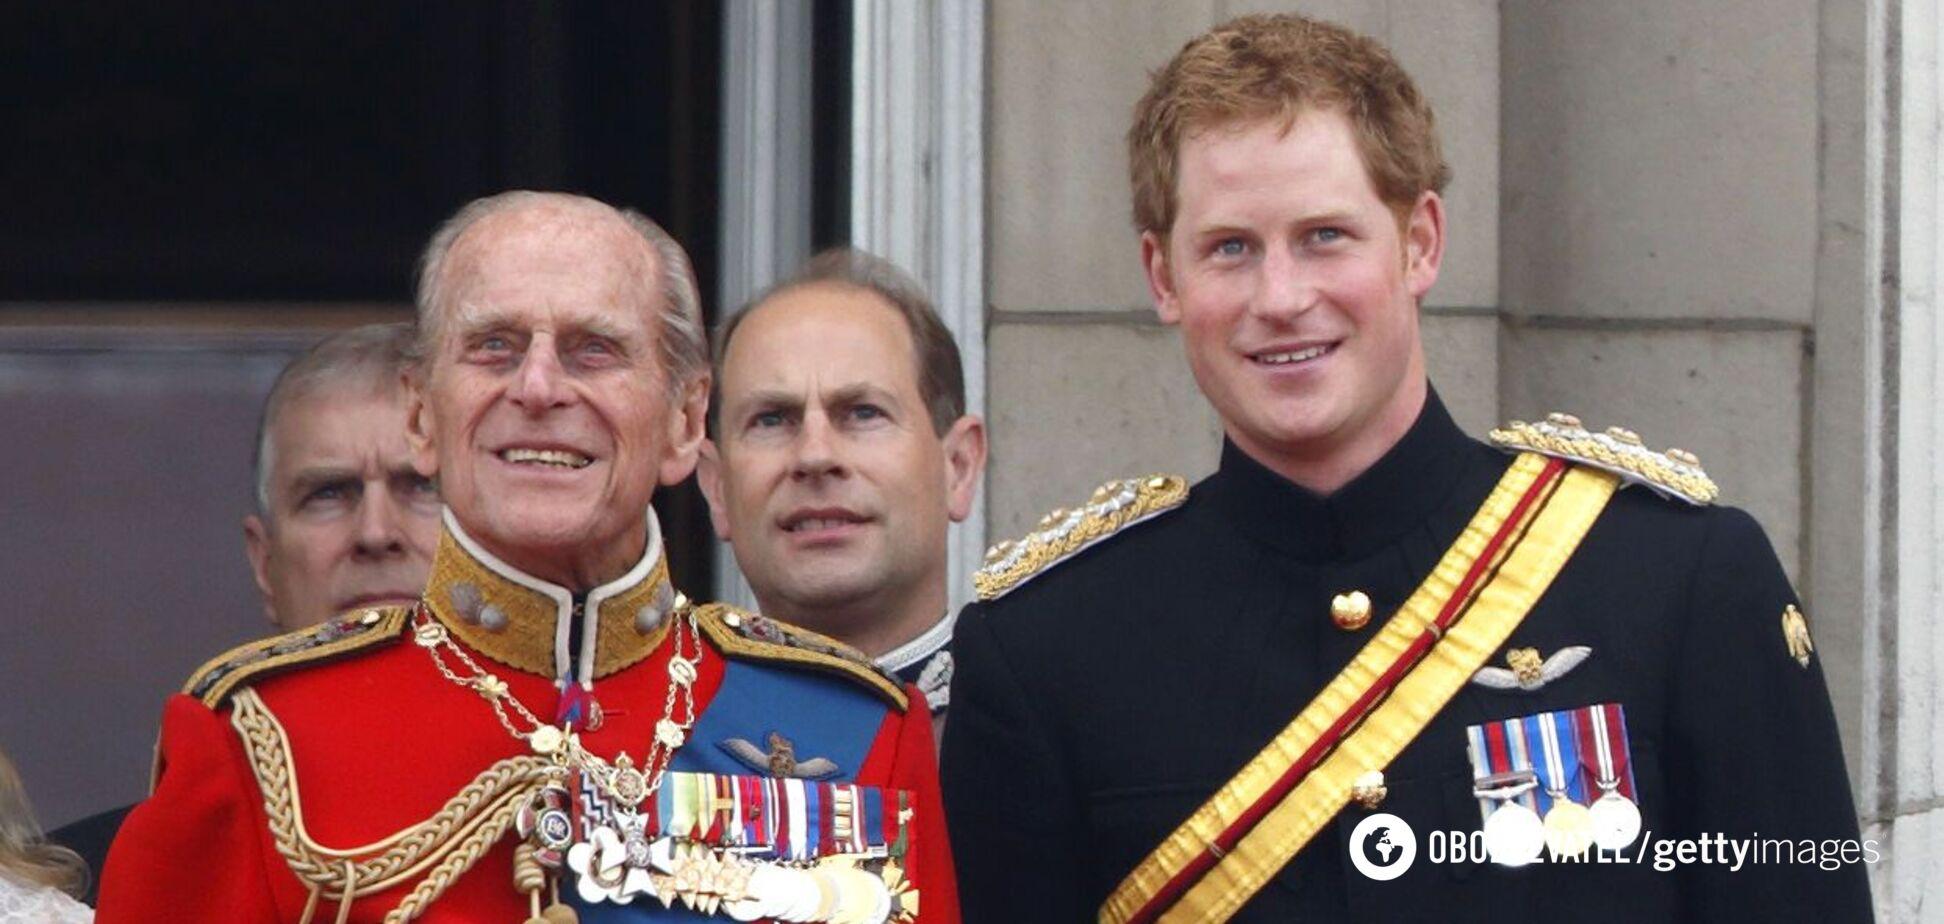 Принц Гарри отреагировал на смерть Филиппа и поделился воспоминаниями о нем